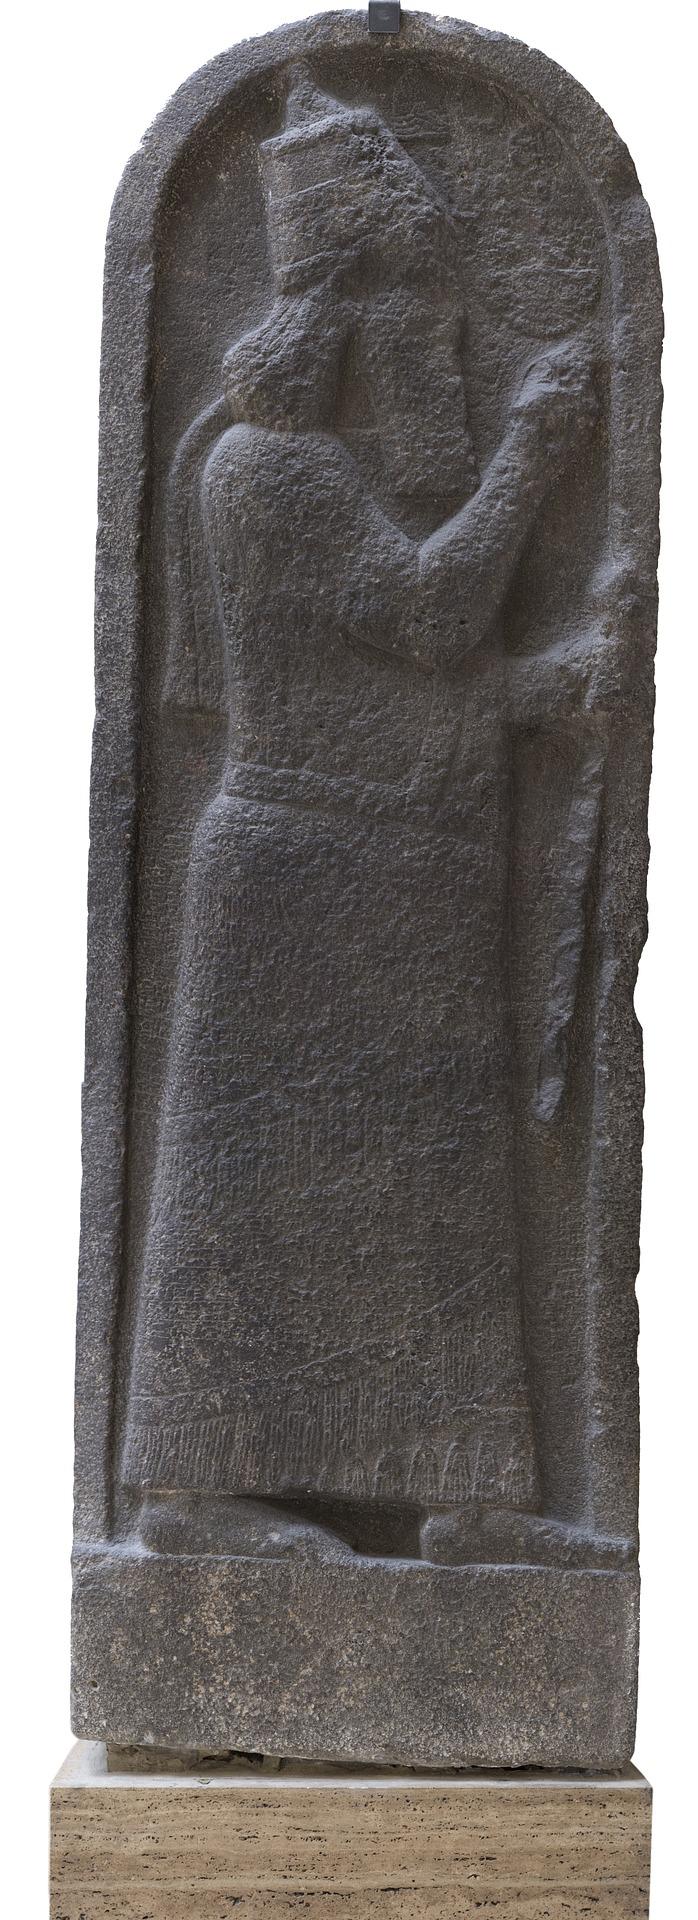 statue-1475706_1920